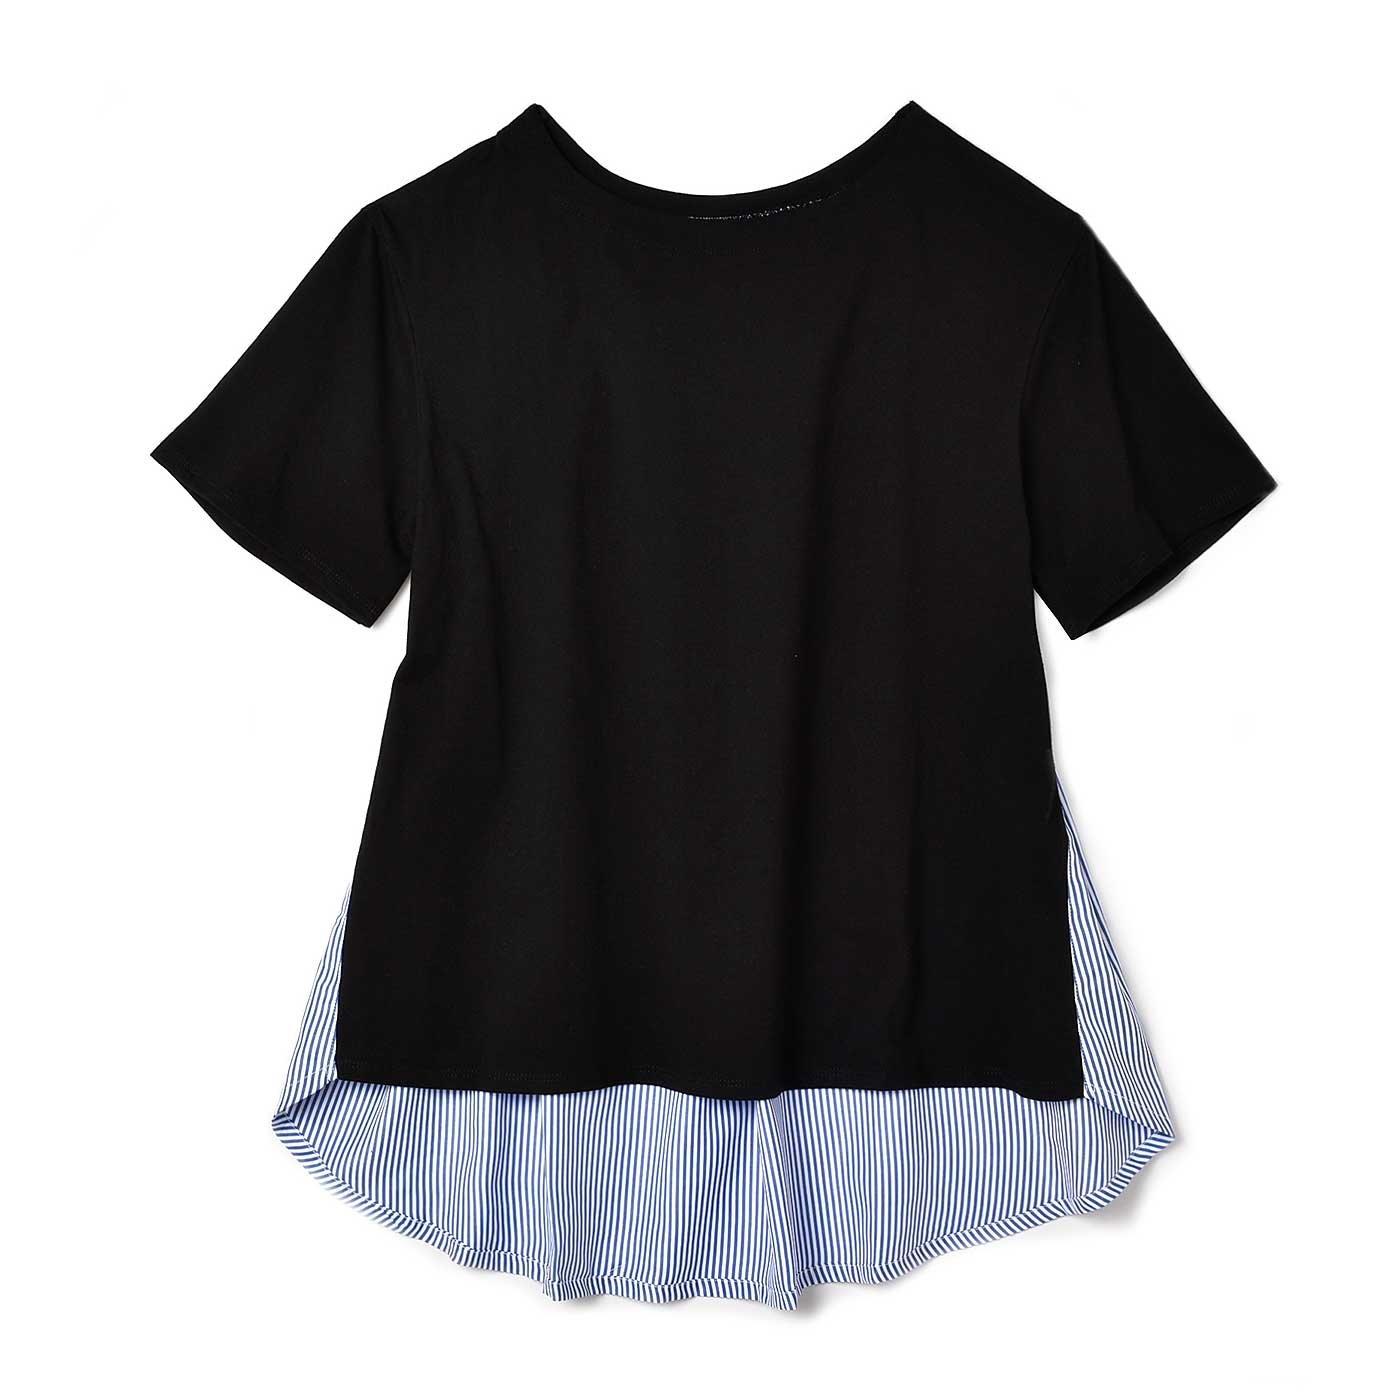 リブ イン コンフォート 後ろ姿すっきり美人のブラウス感覚で着られるTトップス〈ブラック×ブルー〉